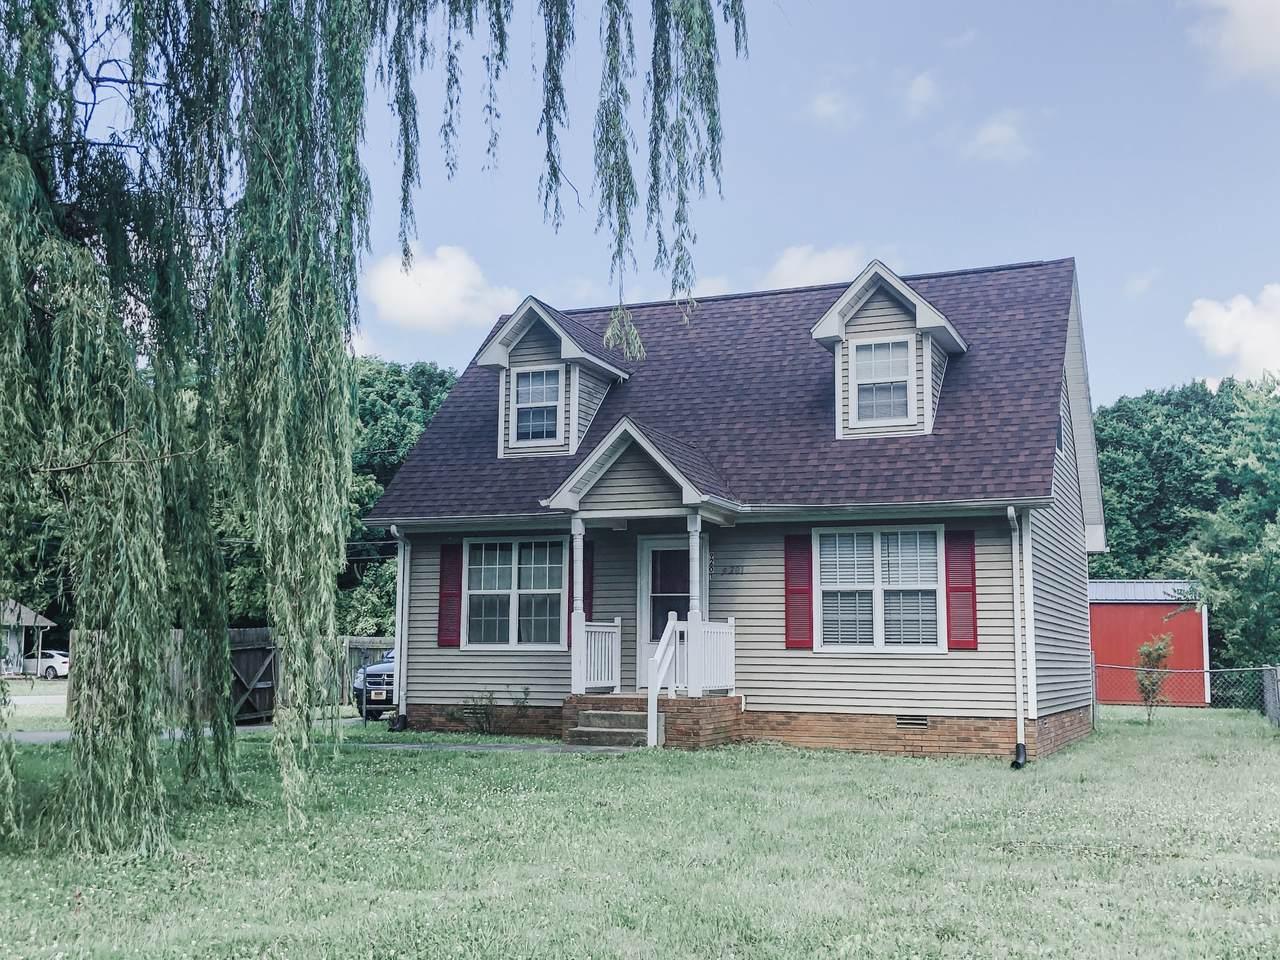 9201 Pembroke Oak Grove Rd - Photo 1